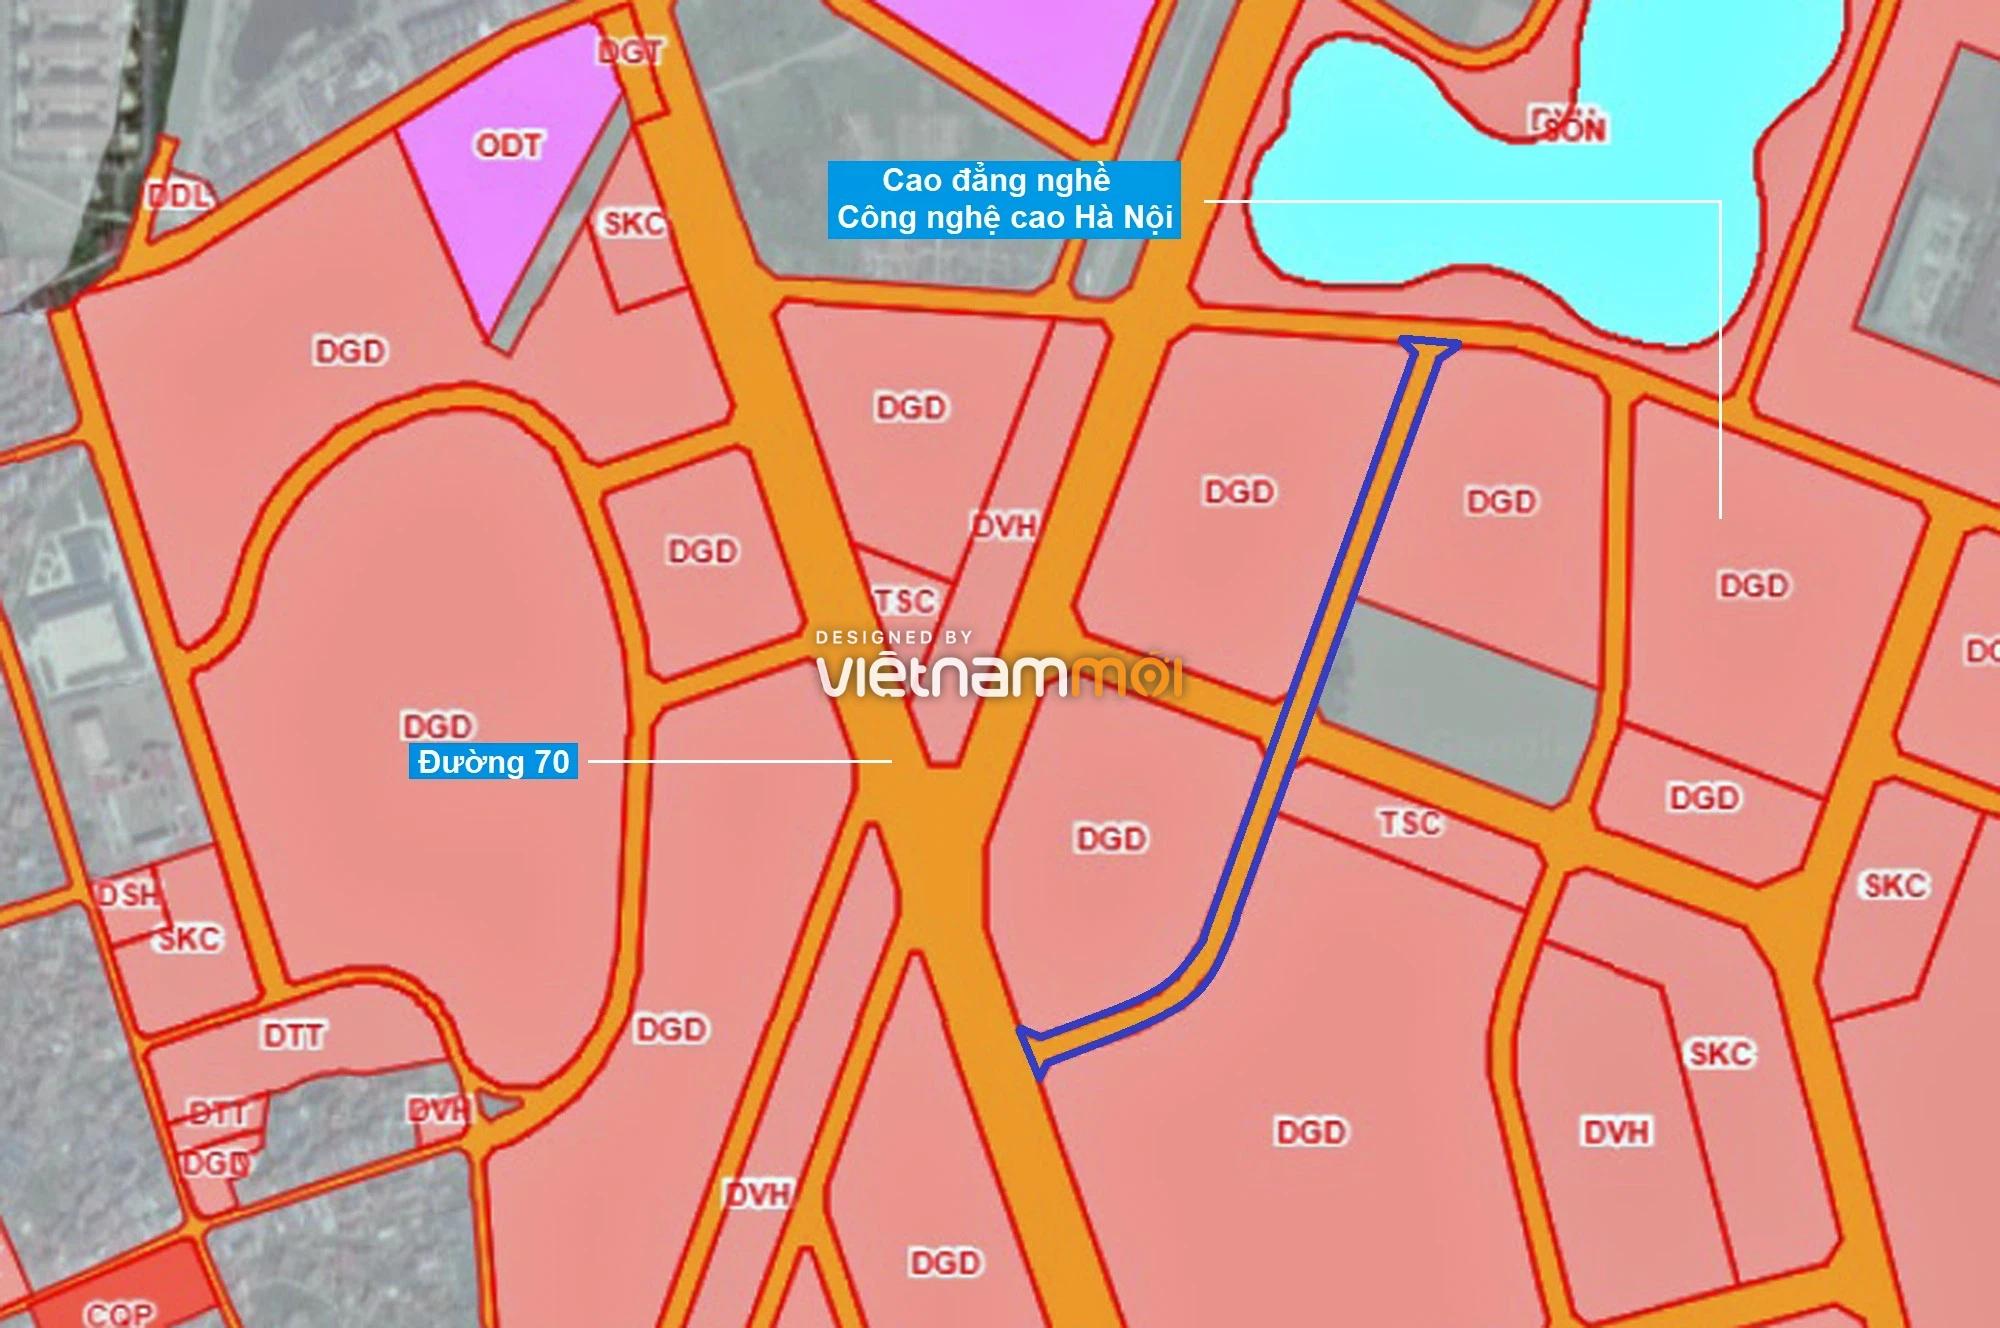 Những khu đất sắp thu hồi để mở đường ở phường Tây Mỗ, Nam Từ Liêm, Hà Nội (phần 3) - Ảnh 1.